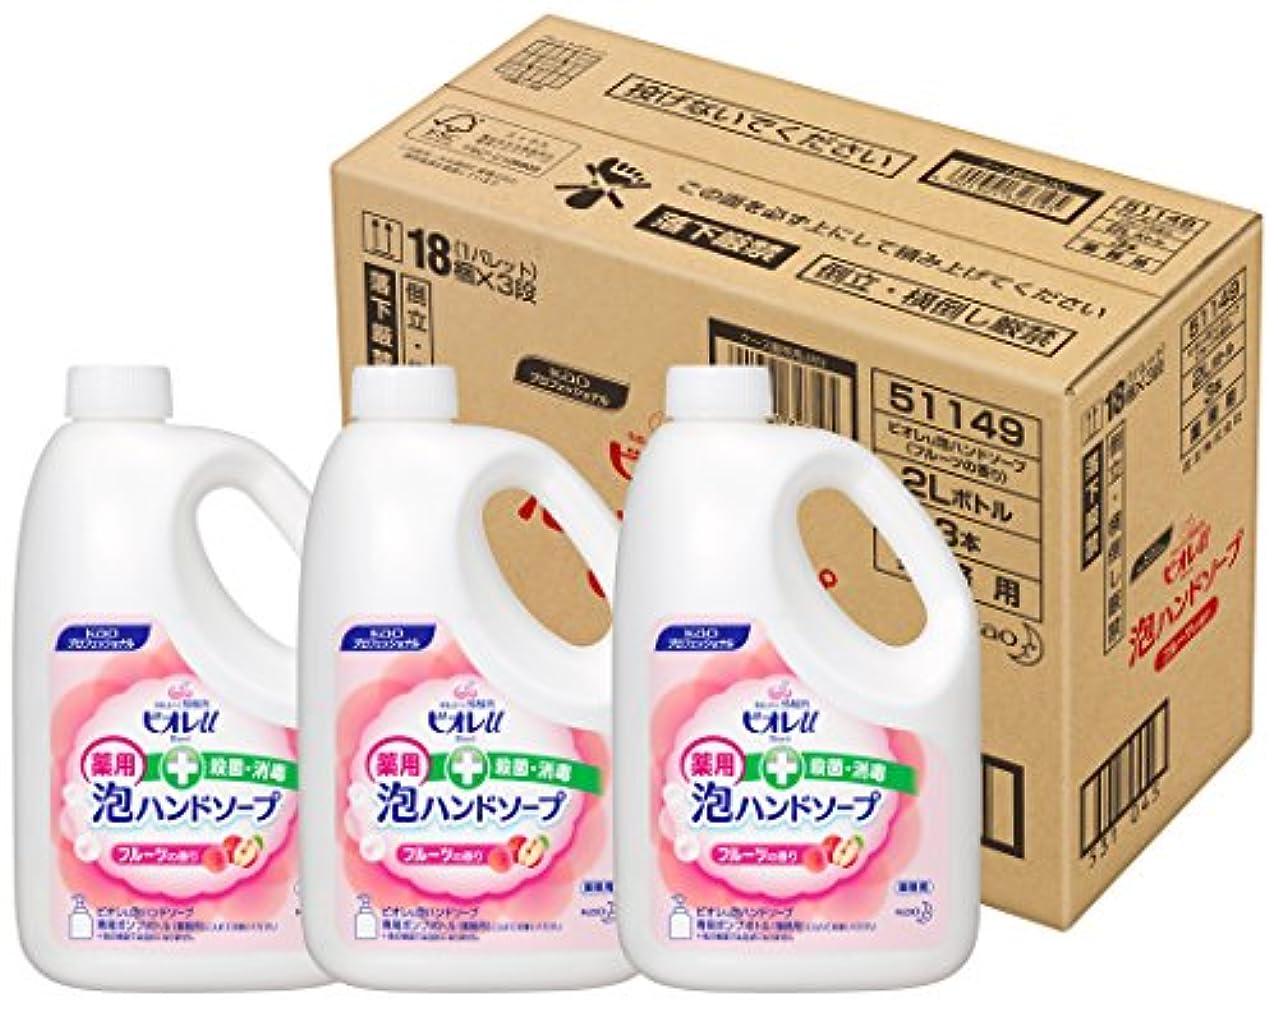 賞賛するもう一度些細な【ケース販売 業務用 泡ハンドソープ】ビオレu 泡ハンドソープ フルーツの香り 2L×3(プロフェッショナルシリーズ)